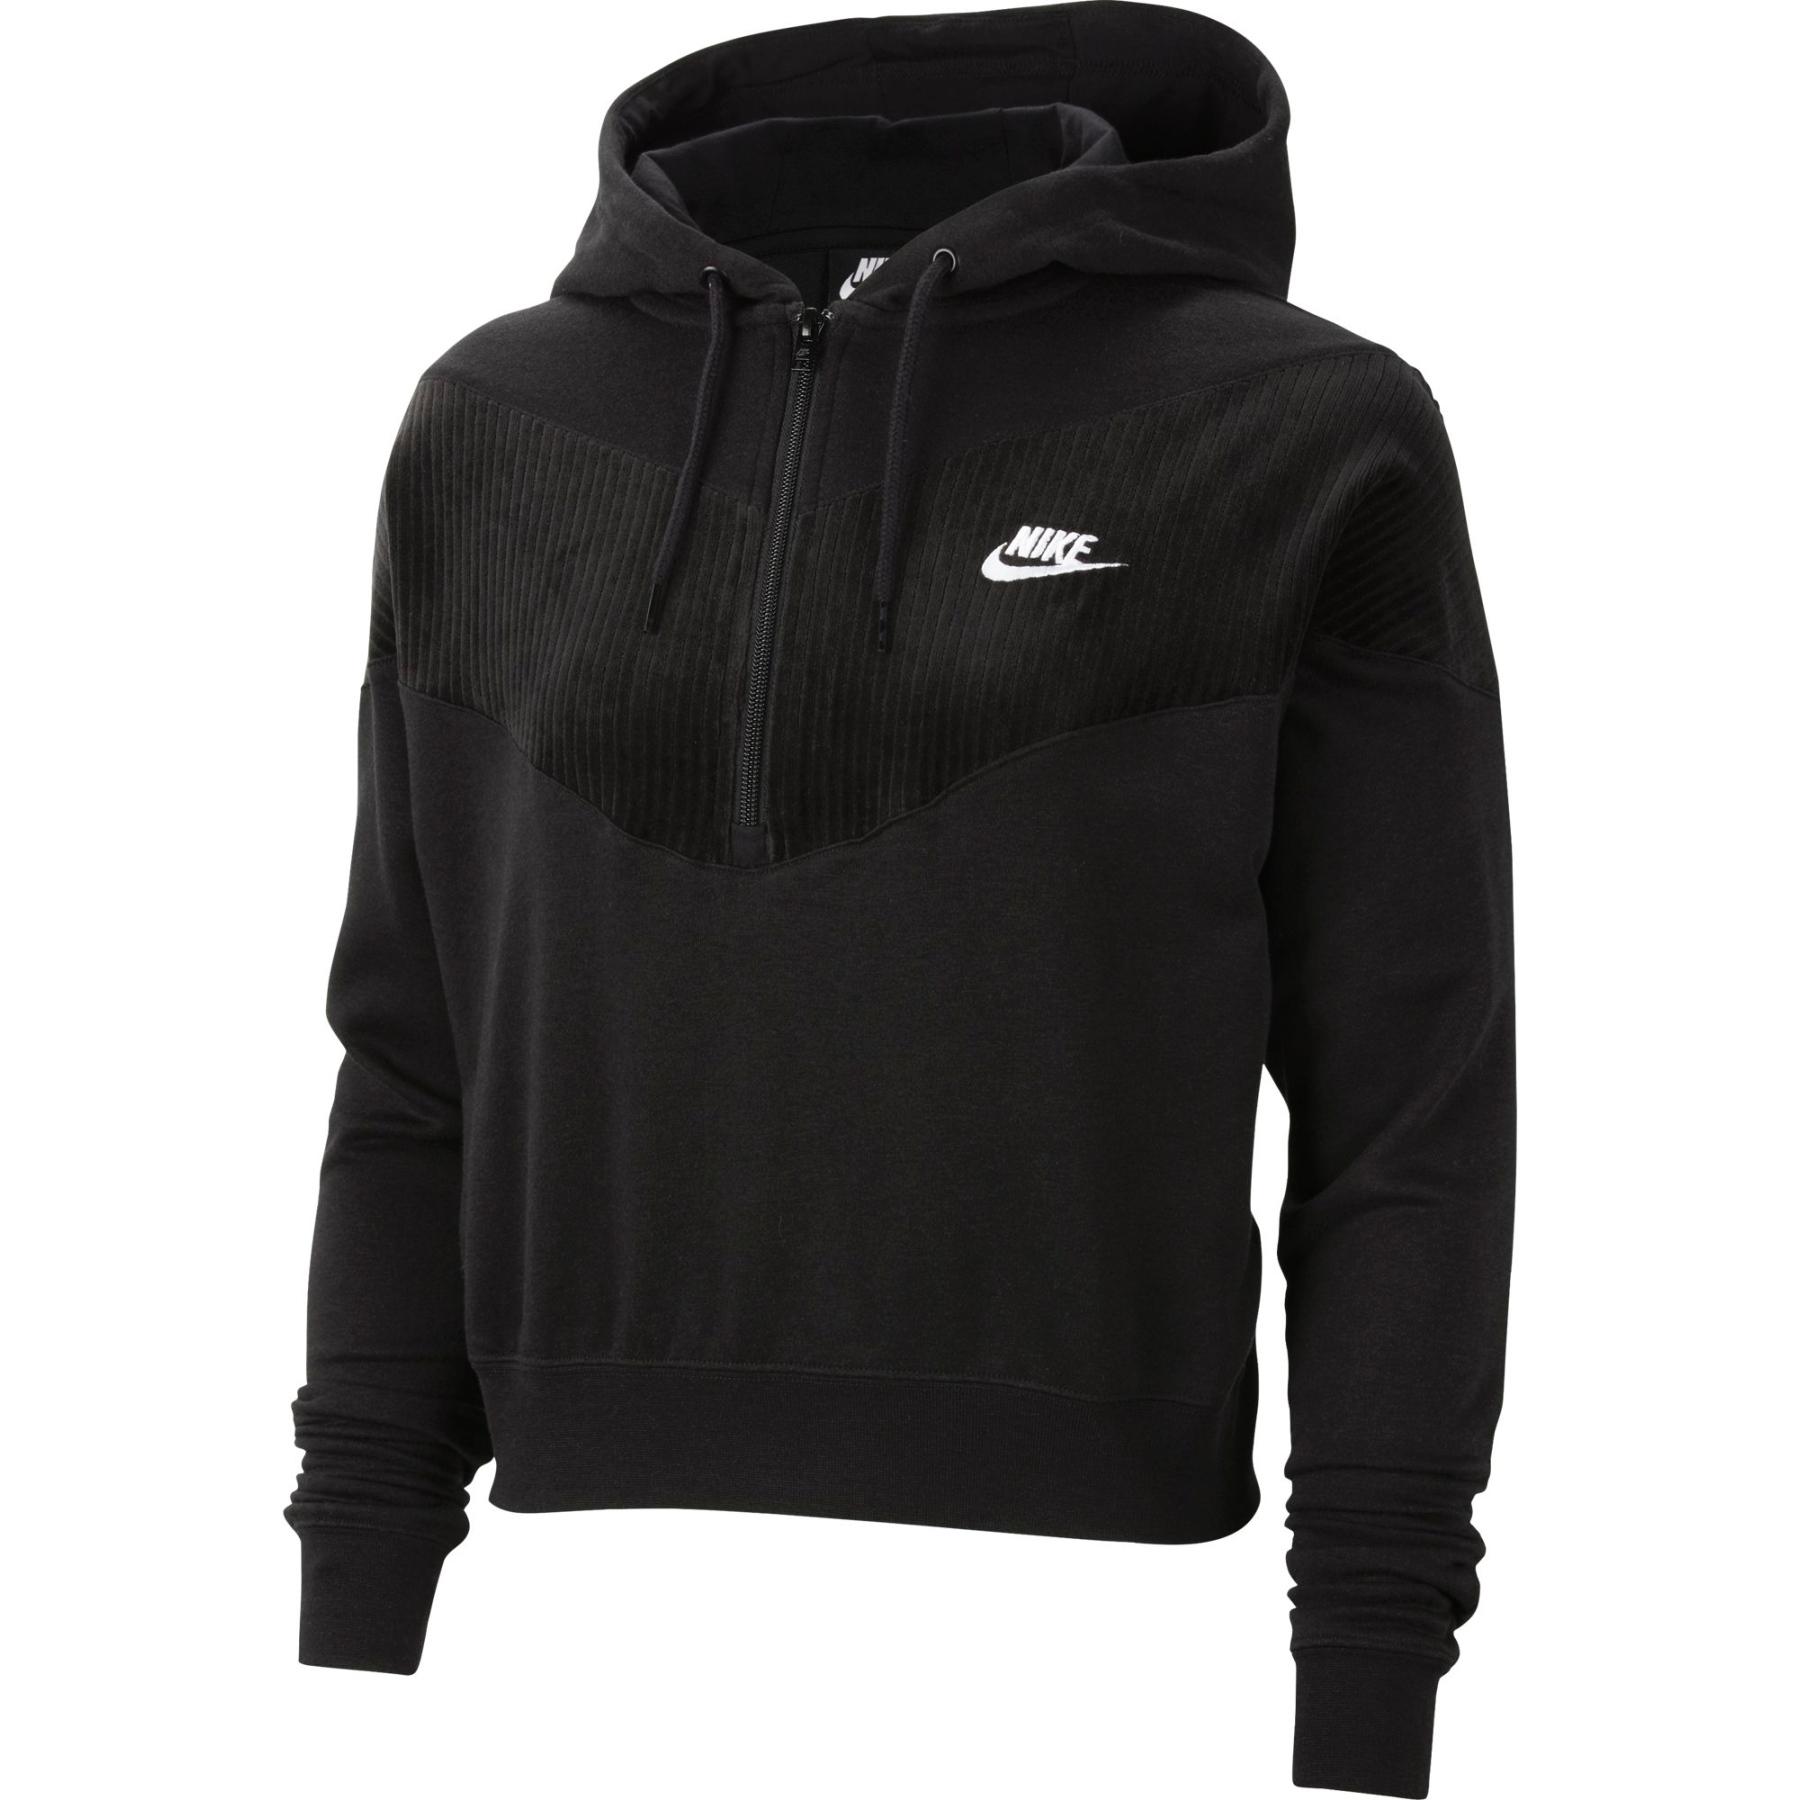 Nike Sportswear Heritage Women's Half-Zip Longsleeve - black/white CZ1878-010